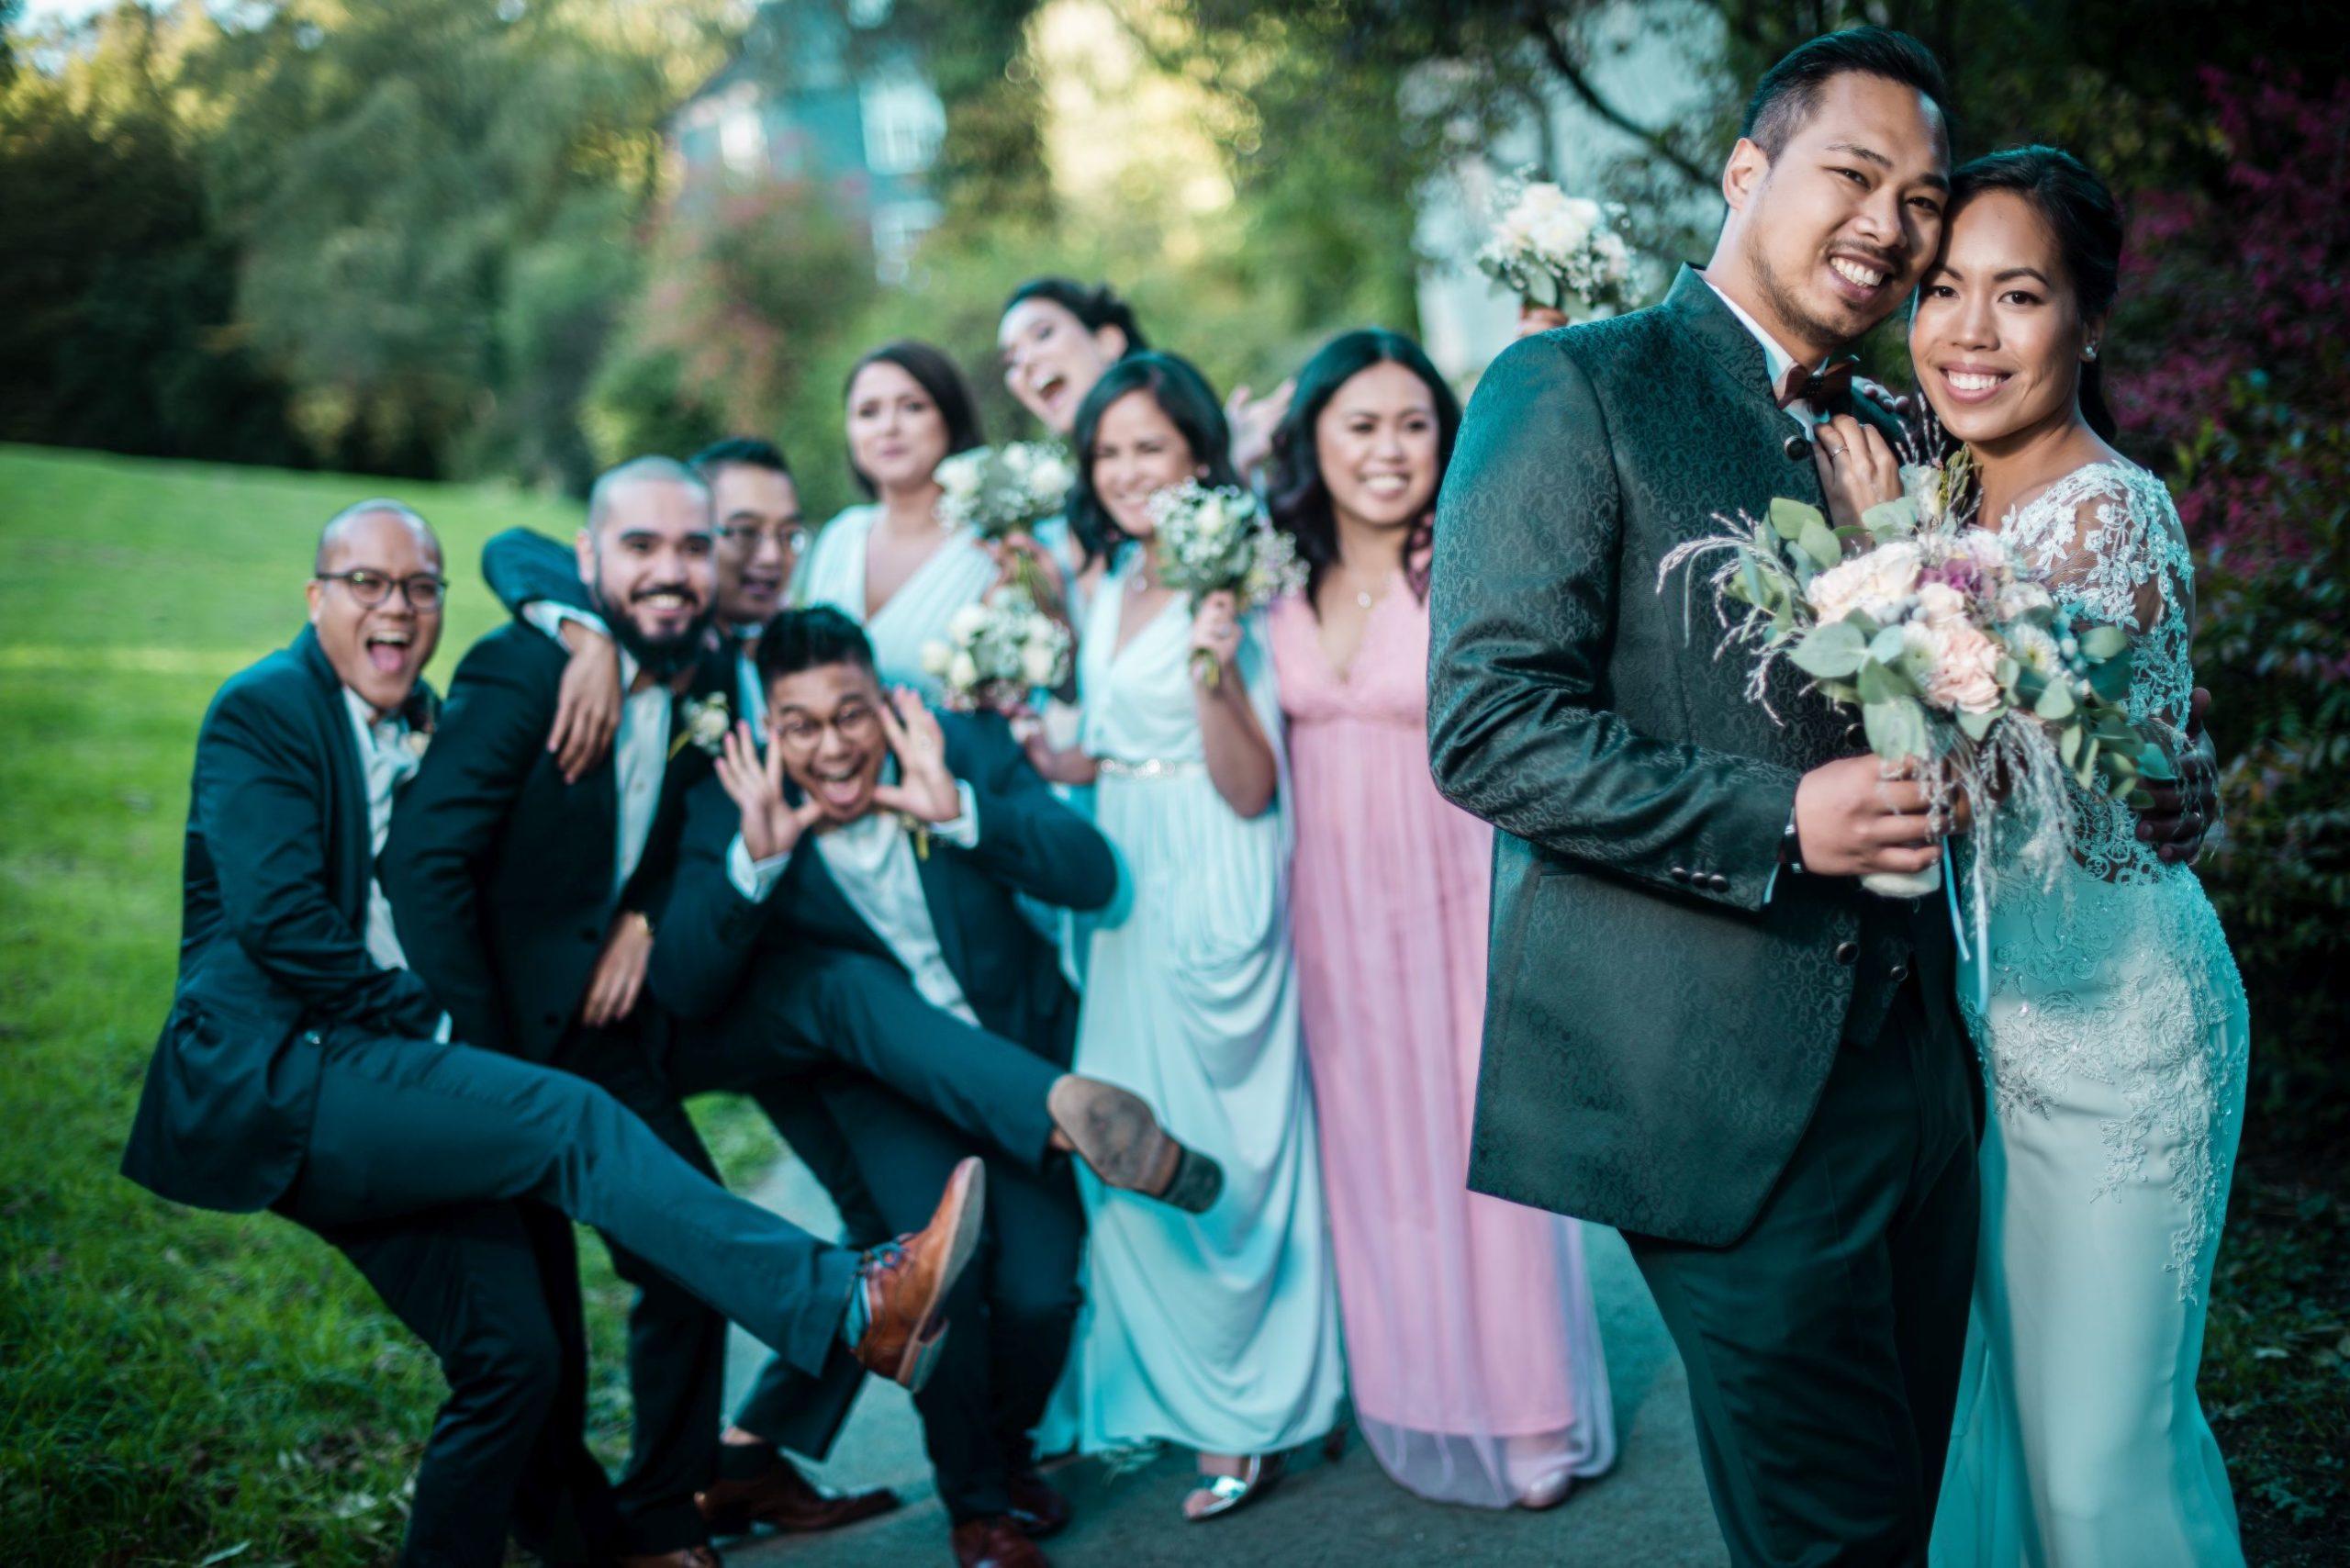 Gruppenfoto mit Bräutigam und Braut im Park hochzeitsvideo hochzeitsfilm hochzeitsvideograf